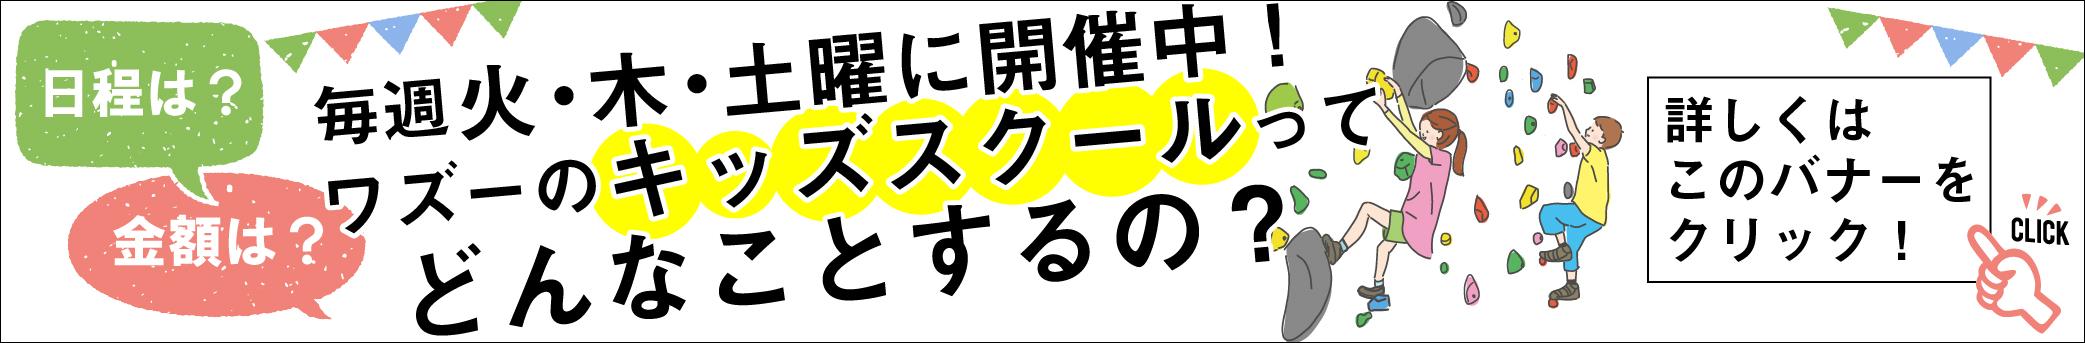 奈良橿原店で開催中!キッズスクール